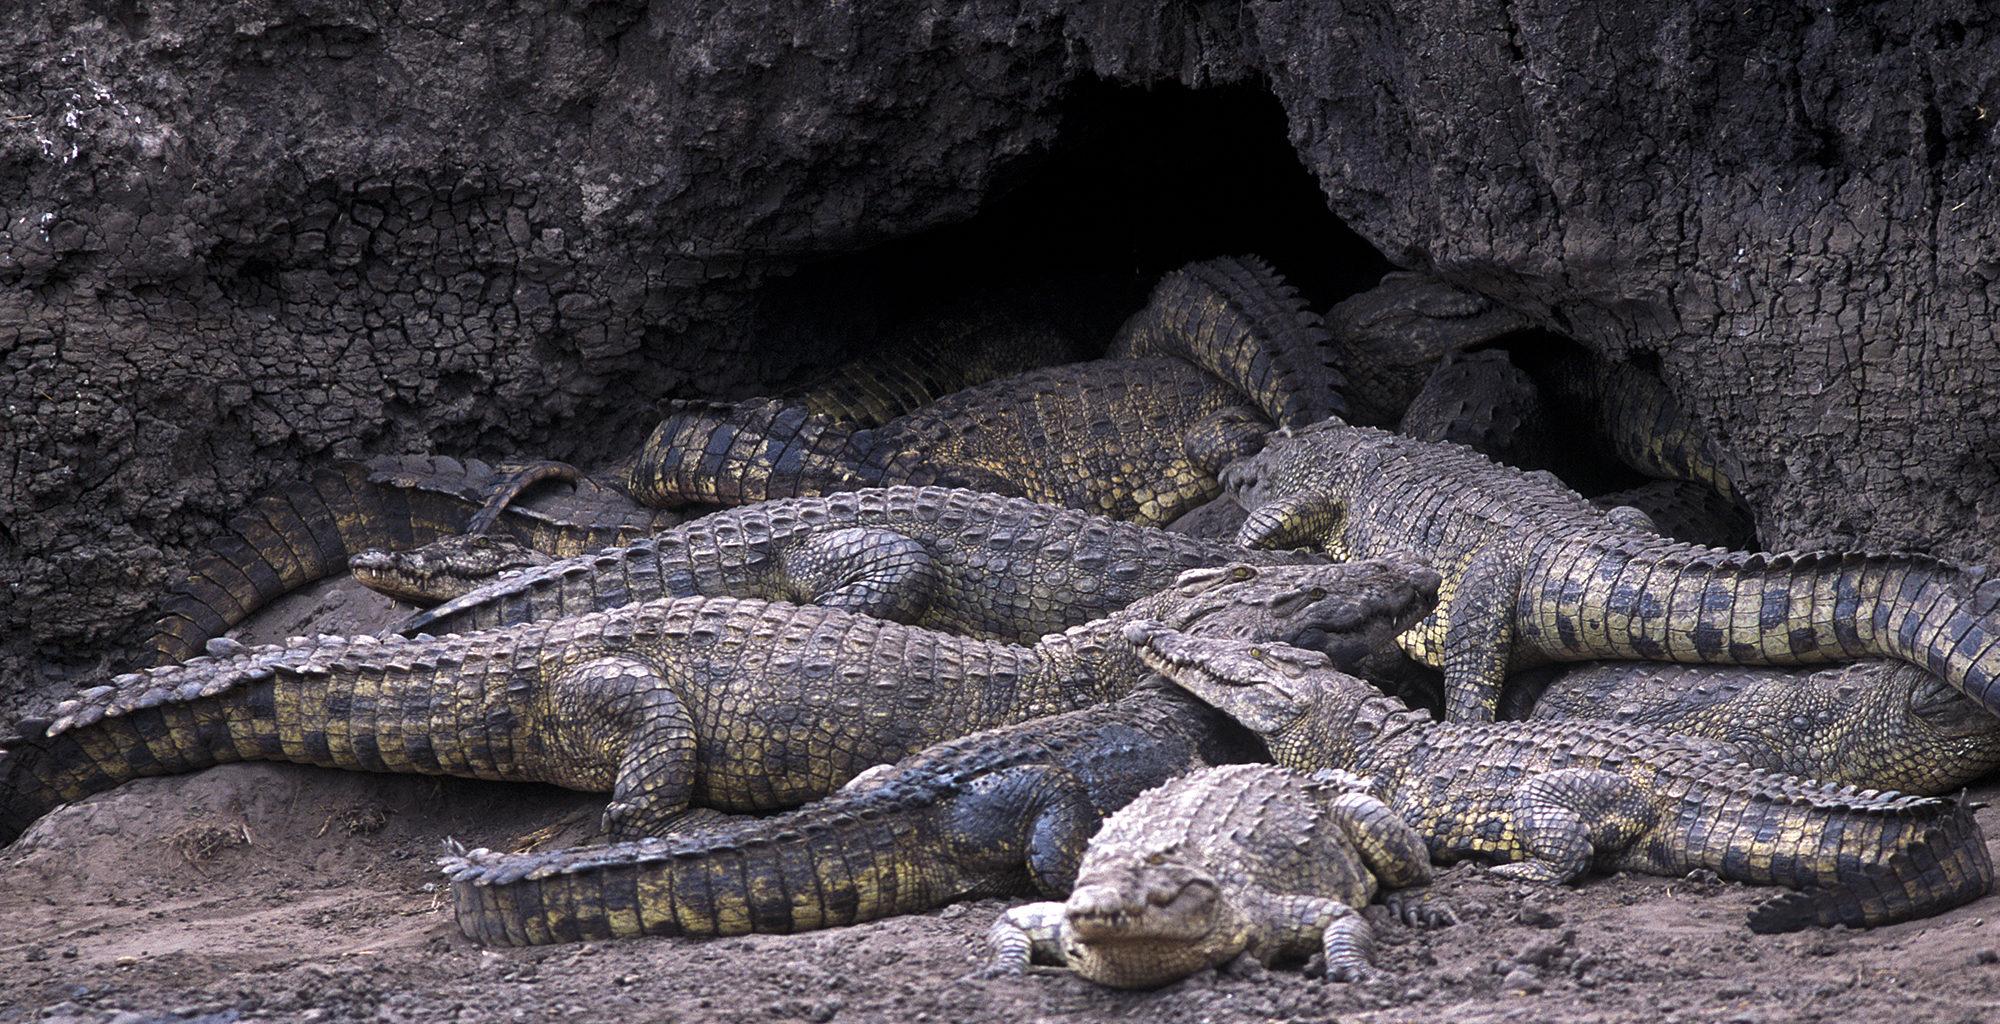 Tanzania-Katavi-Crocodile